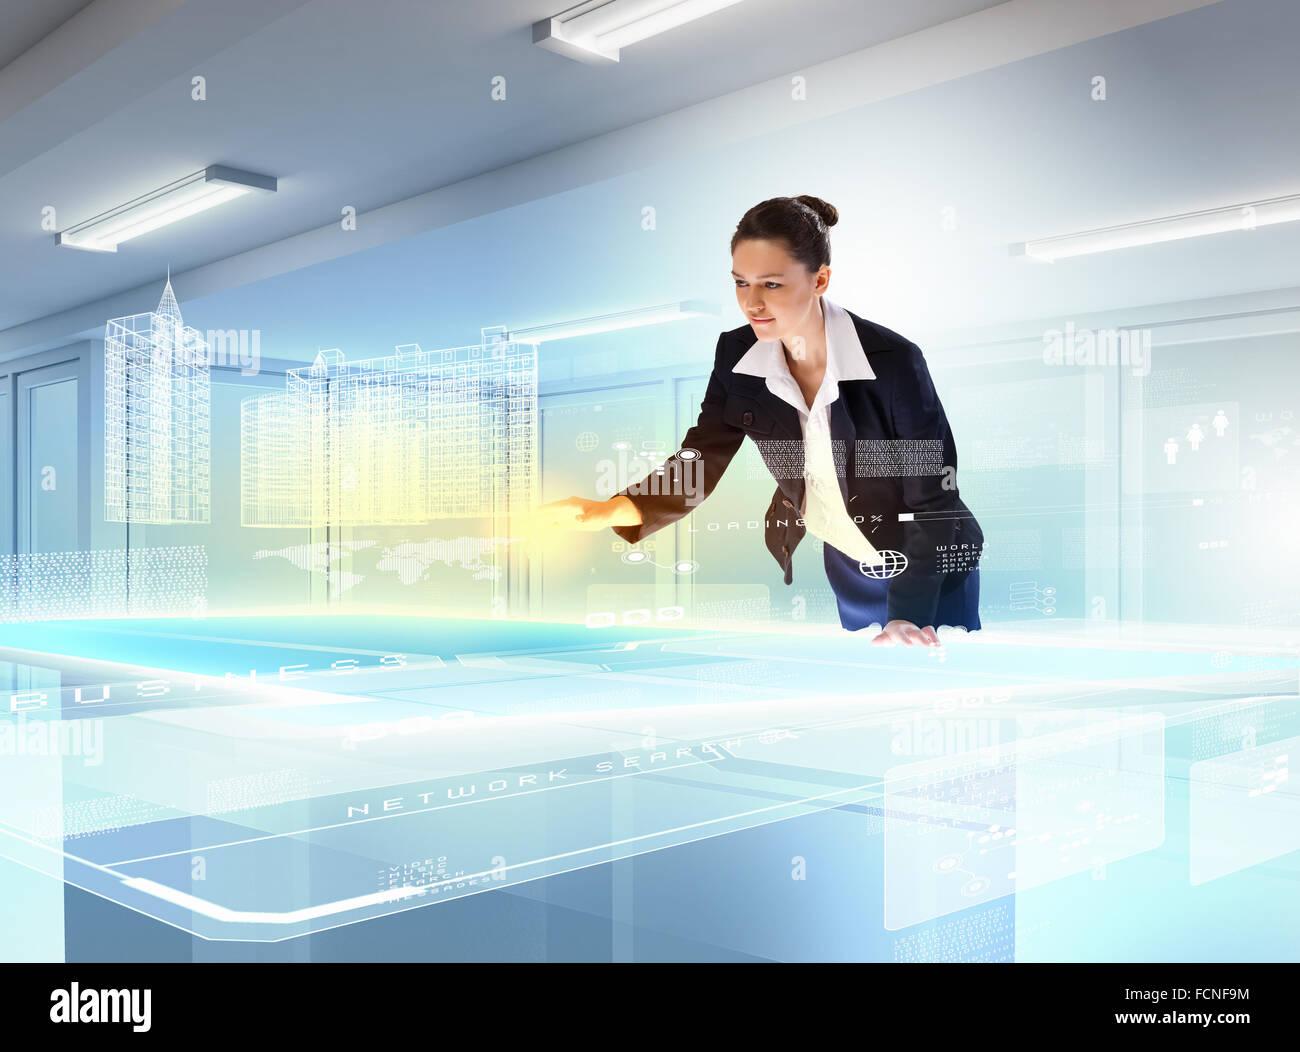 Imagen de la joven empresaria haciendo clic en el icono de imagen de alta tecnología Imagen De Stock